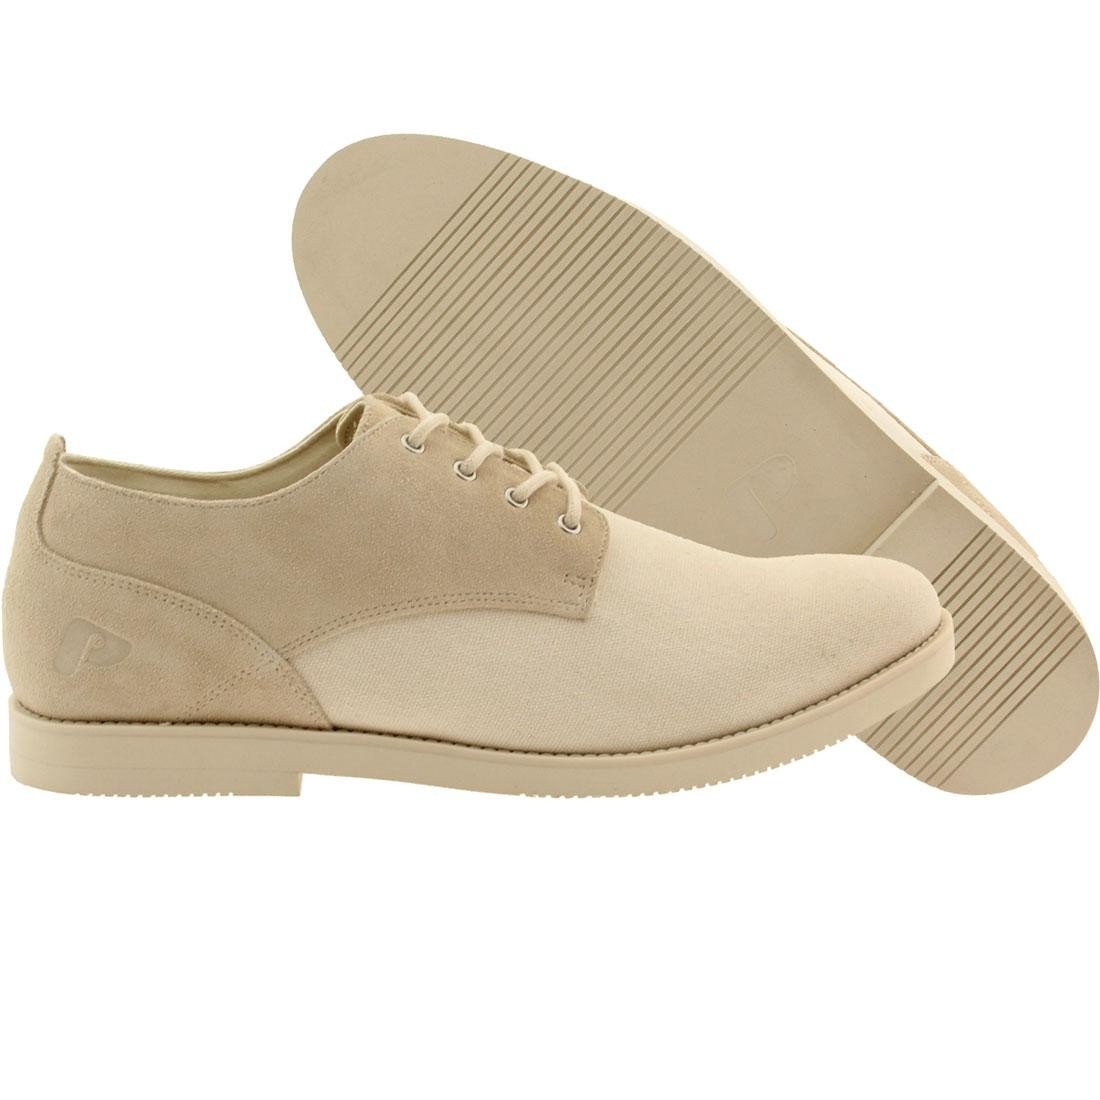 【海外限定】スエード スウェード メンズ靴 靴 【 POINTER MEN SURFER ROSA SUEDE WHITE IVORY 】